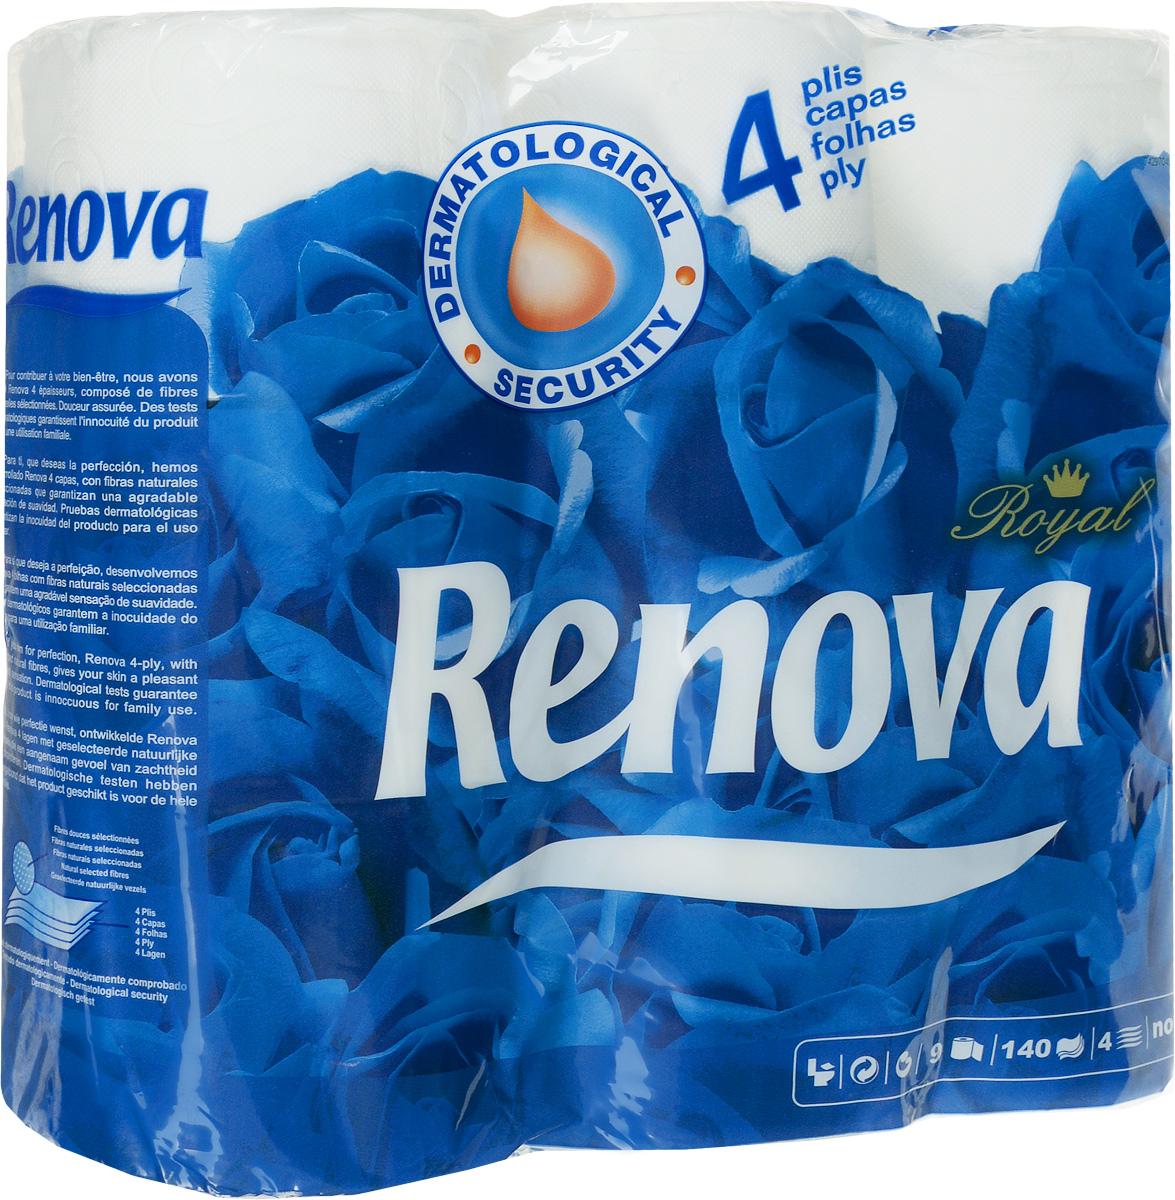 Туалетная бумага Renova Royal, четырехслойная, цвет: белый, 9 рулонов200045194Туалетная бумага Renova Royal изготовлена по новейшей технологии из 100% целлюлозы, благодаря чему она очень мягкая, нежная, но в тоже время прочная. Перфорация надежно скрепляет четыре слоя бумаги. Туалетная бумага Renova Royal не содержит ароматизаторов и красителей. Состав: 100% целлюлоза. Количество листов: 140 шт.Количество слоев: 4.Размер листа: 11,5 см х 9,5 см.Количество рулонов: 9 шт.Португальская компания Renova является ведущим разработчиком новейших технологий производства, нового стиля и направления на рынке гигиенической продукции.